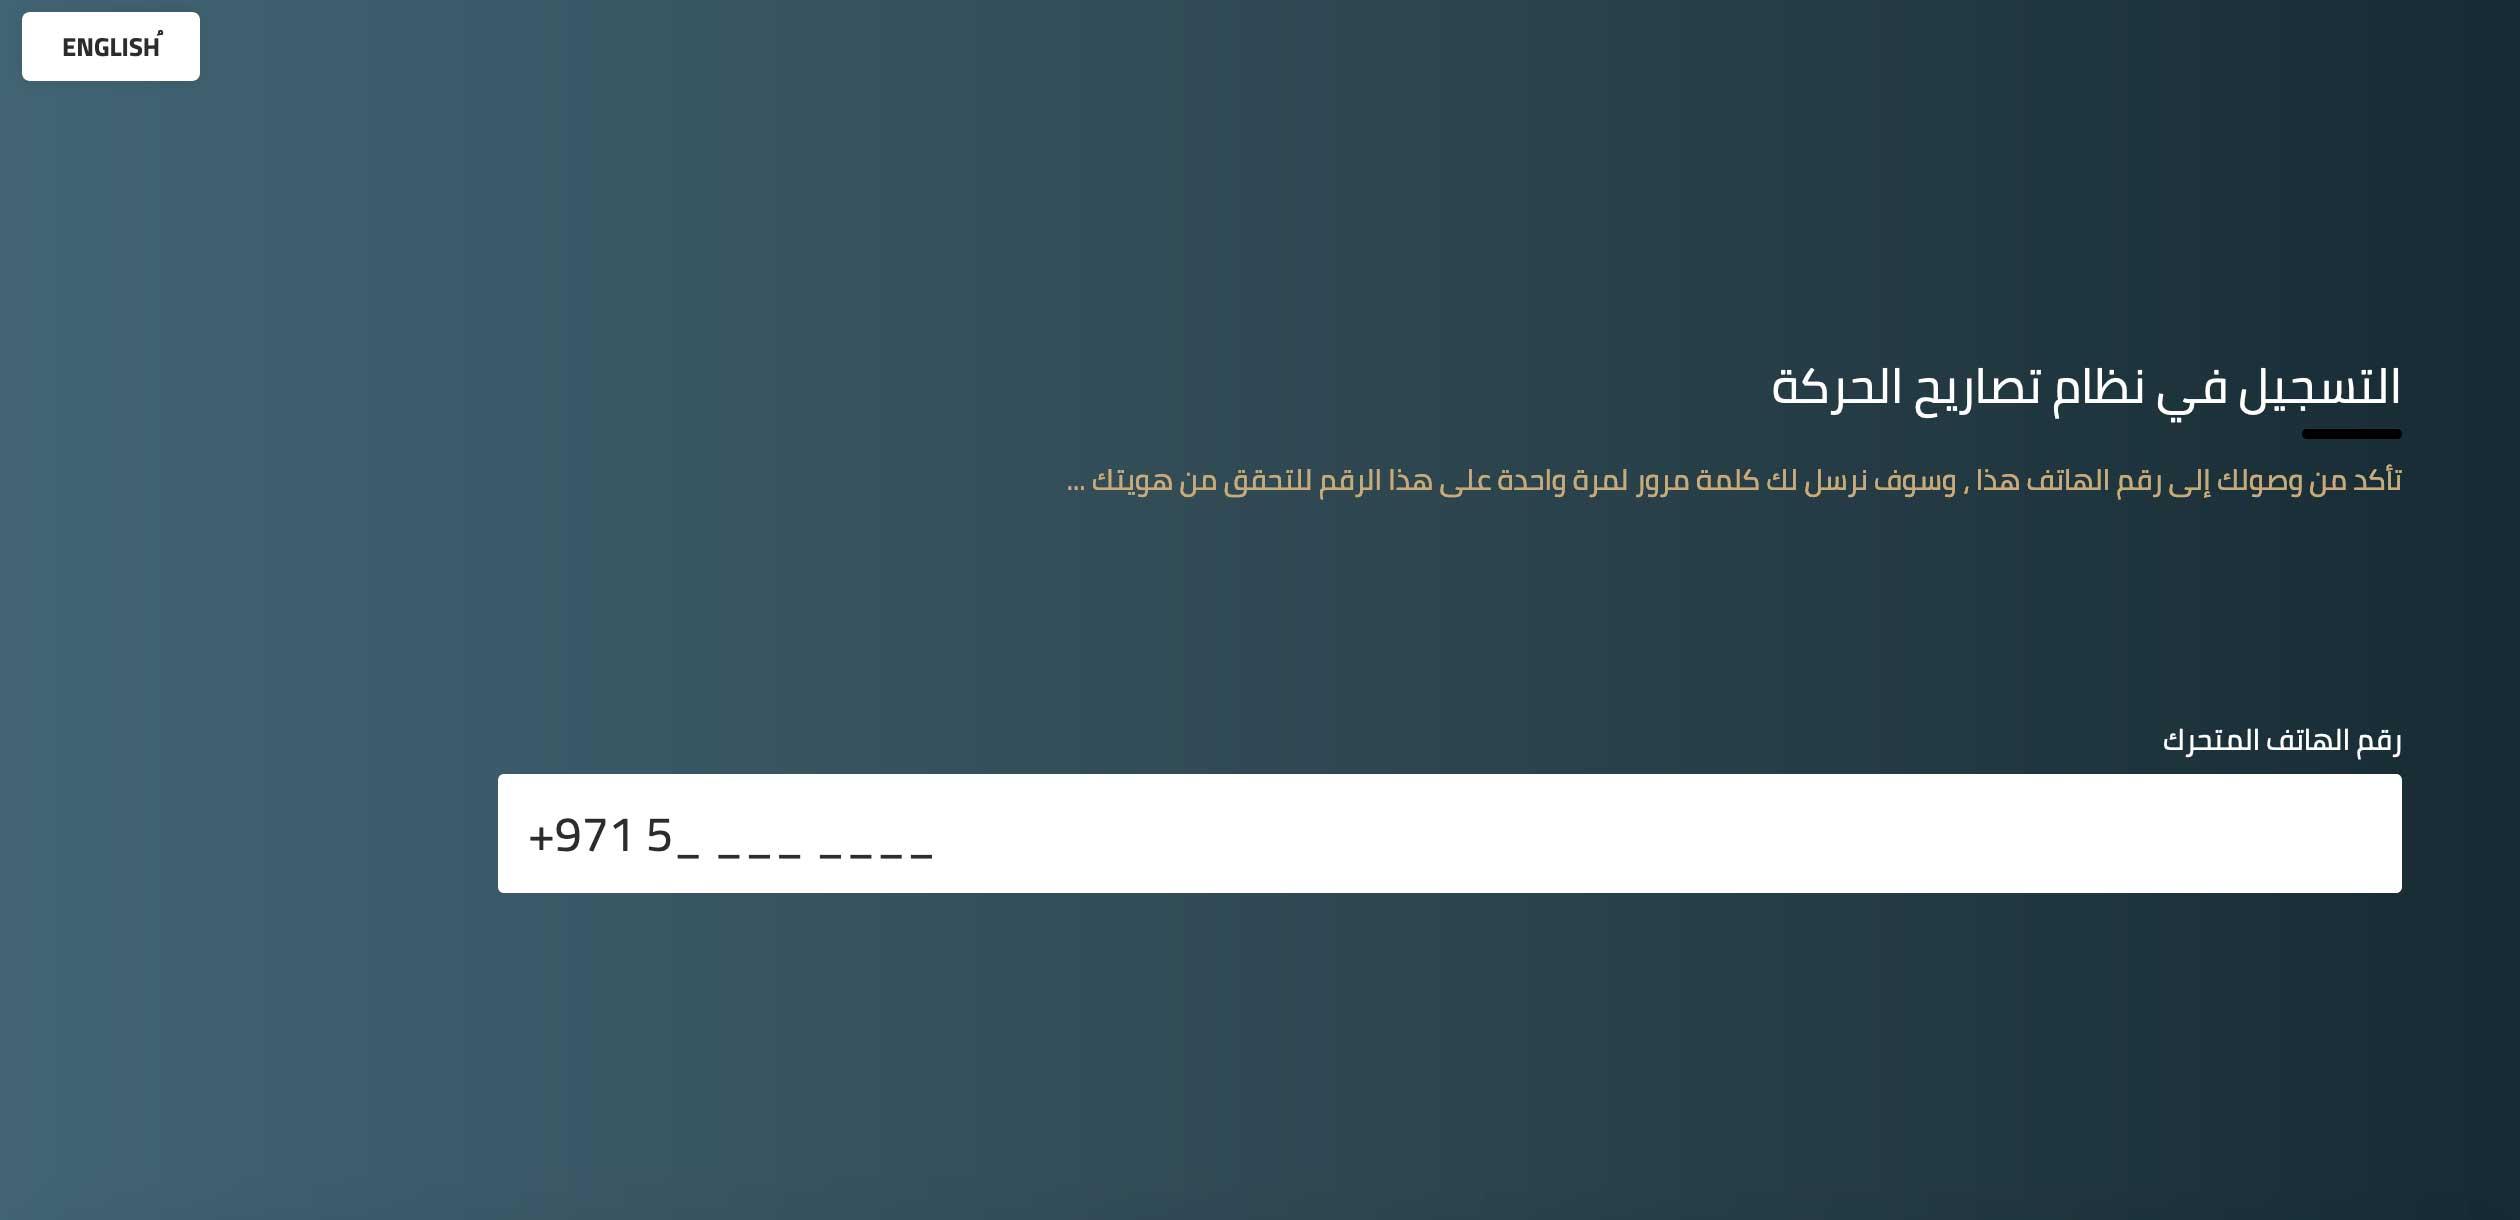 فيديو كيف تحصل على تصريح خروج أثناء برنامج التعقيم الوطني في دبي عبر الإمارات أخبار وتقارير البيان